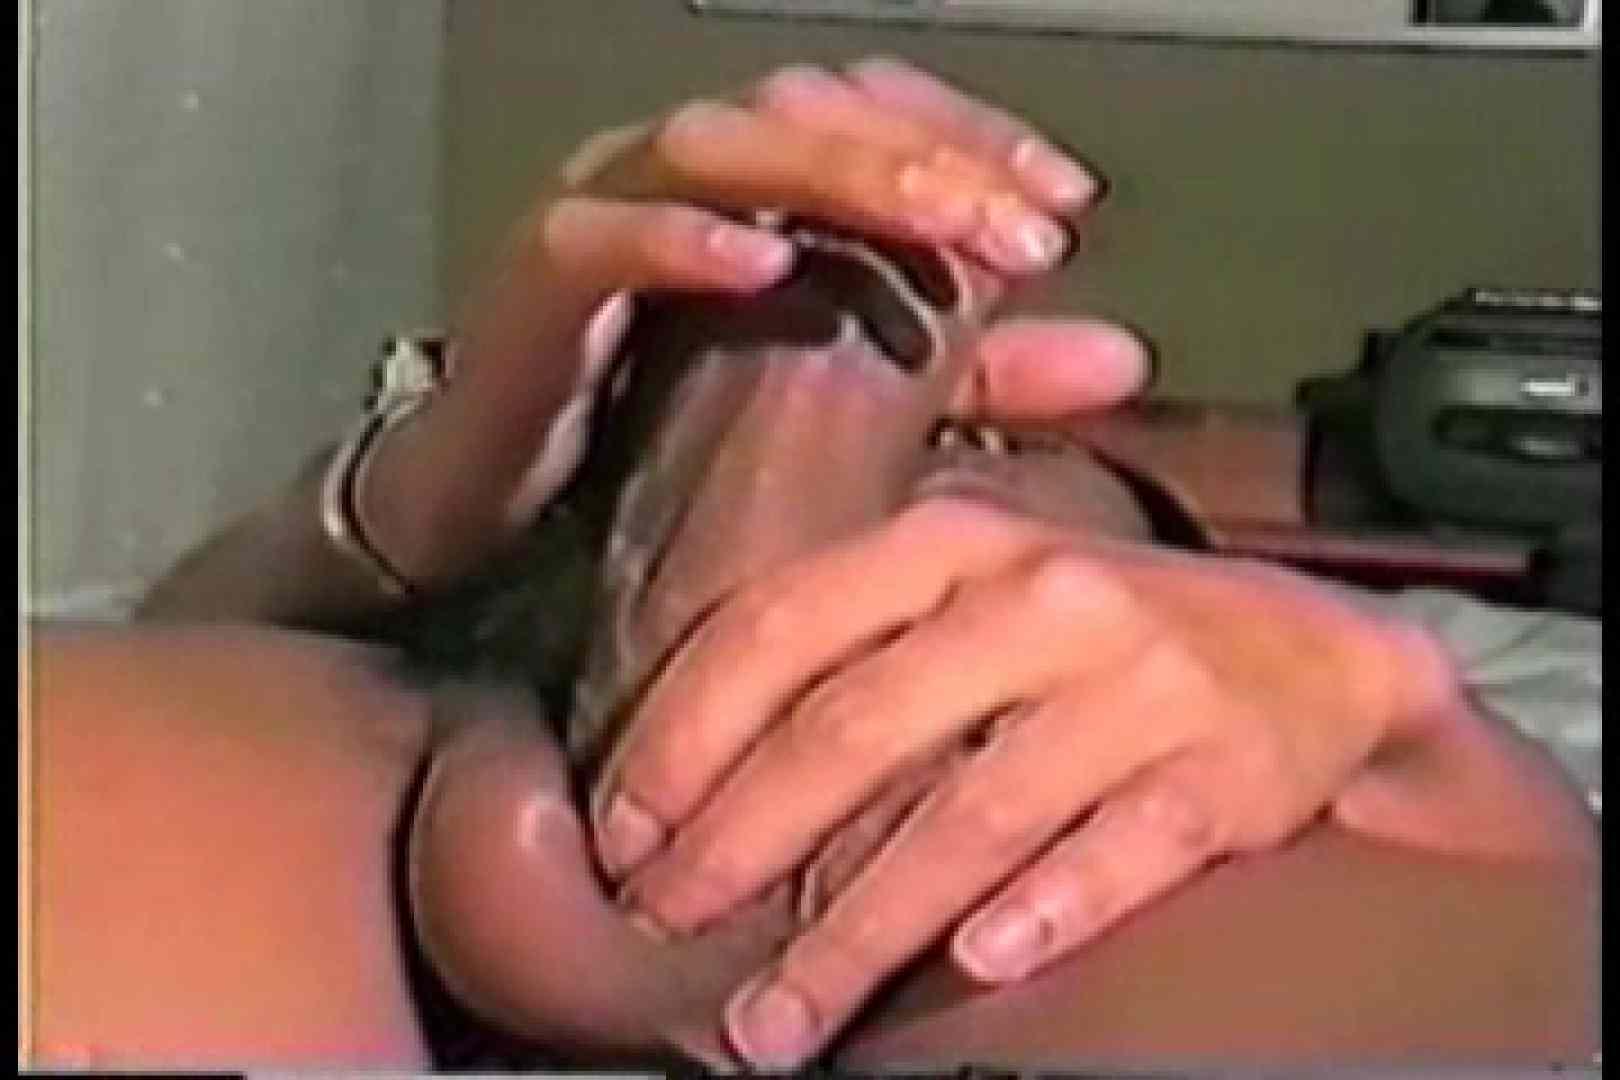 【個人投稿作品】お金の為なら何でもやりまっせ!! 射精 GAY無修正エロ動画 95枚 68